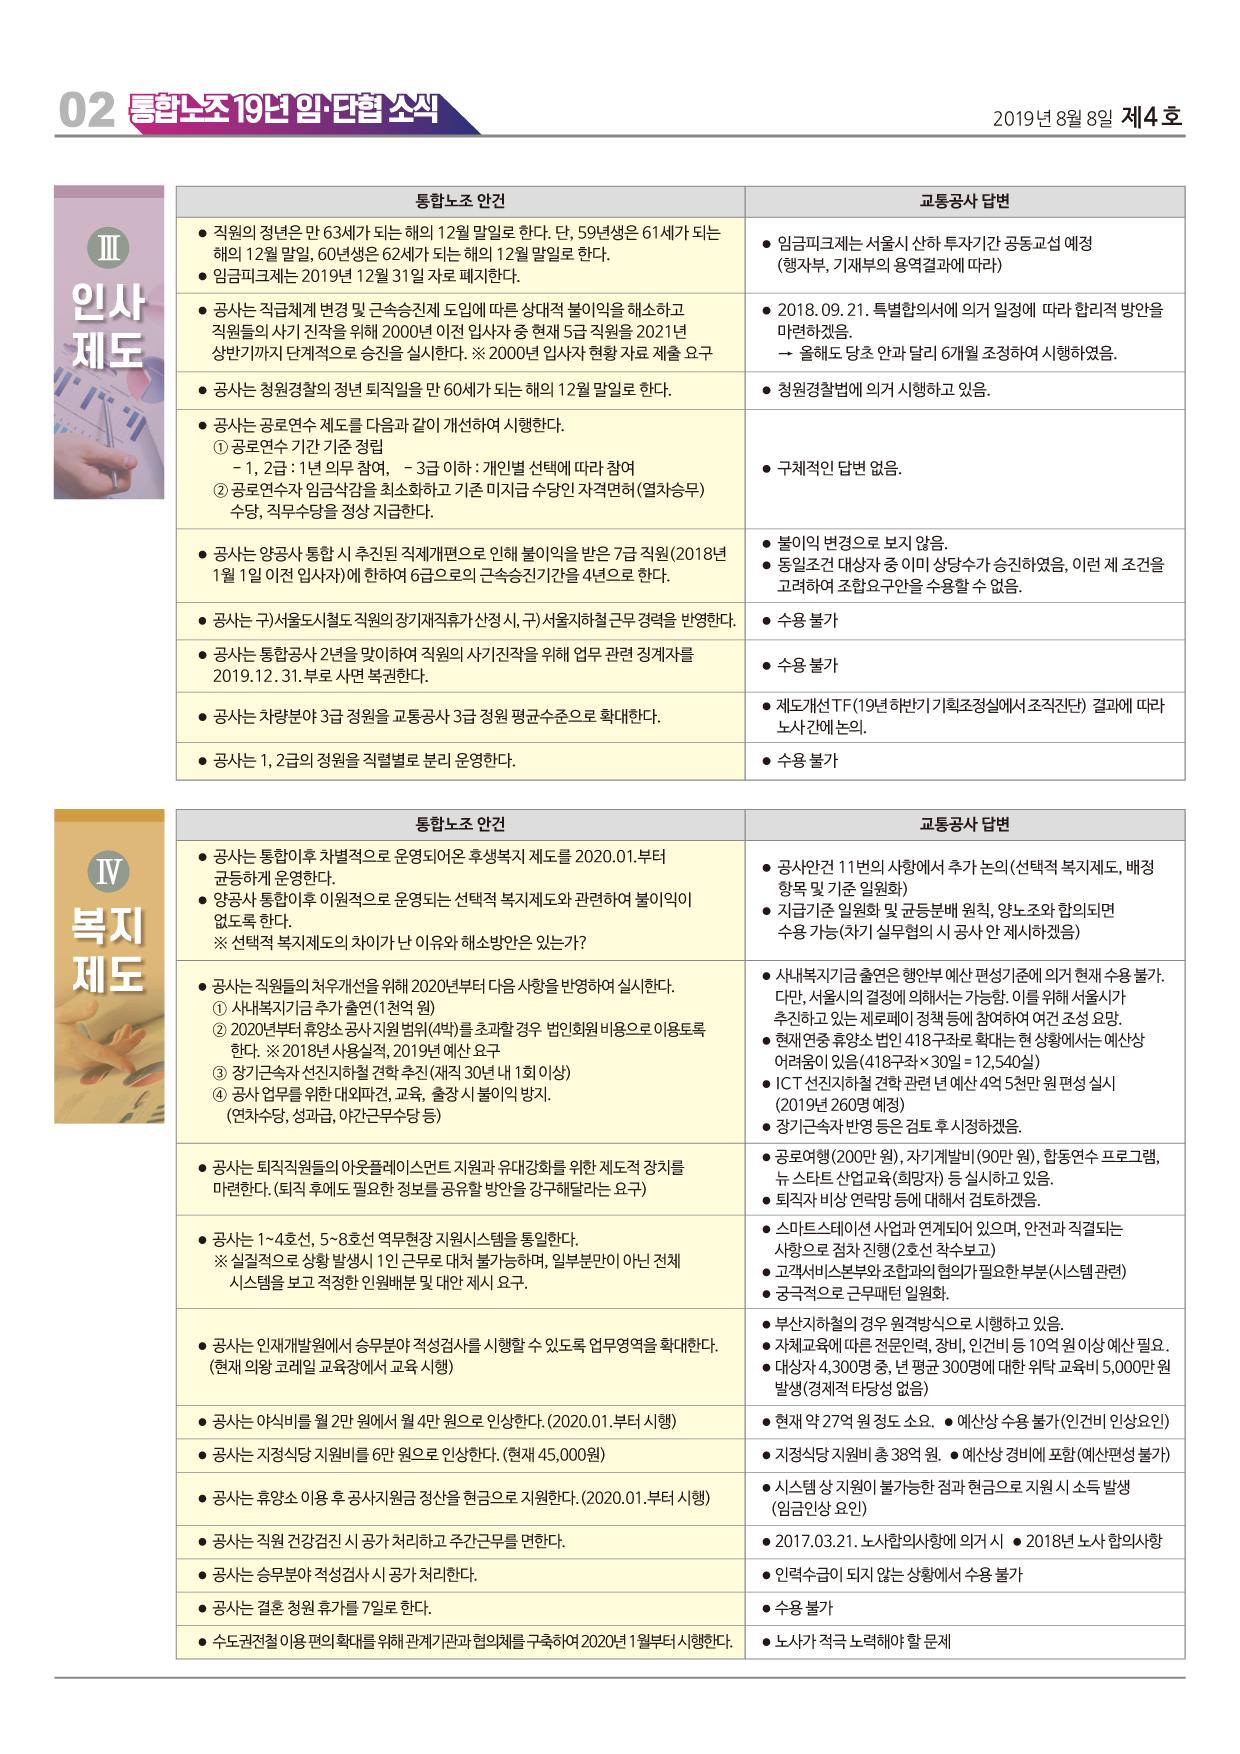 통합노조19년임단협소식_제4호_A3OK-2.jpg